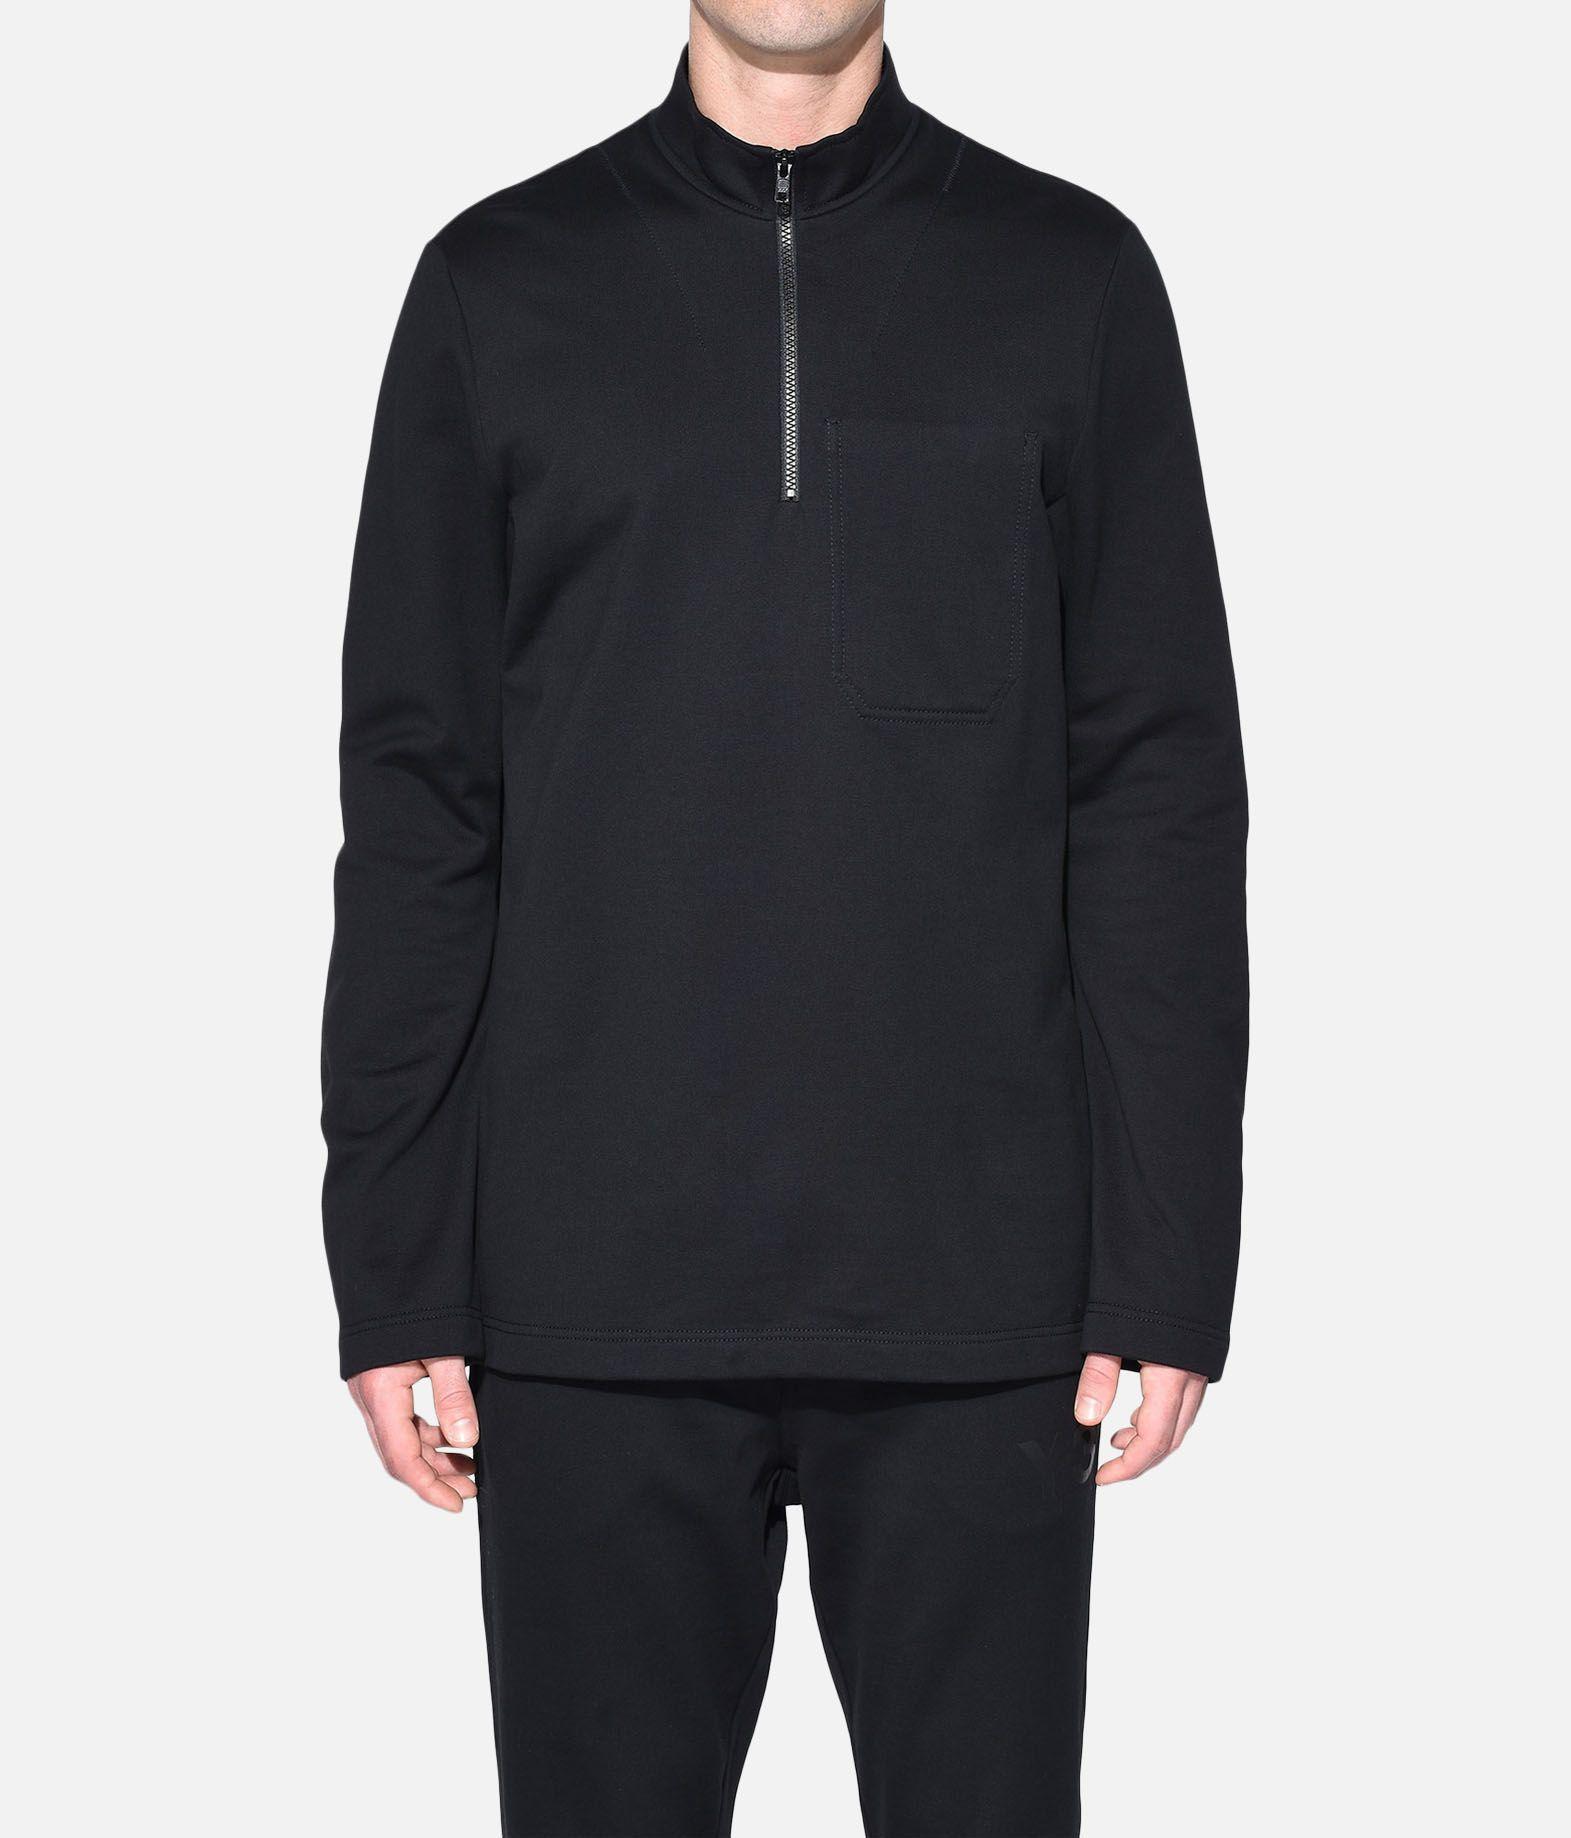 Y-3 Y-3 Sashiko Sweater Felpa con zip Uomo r